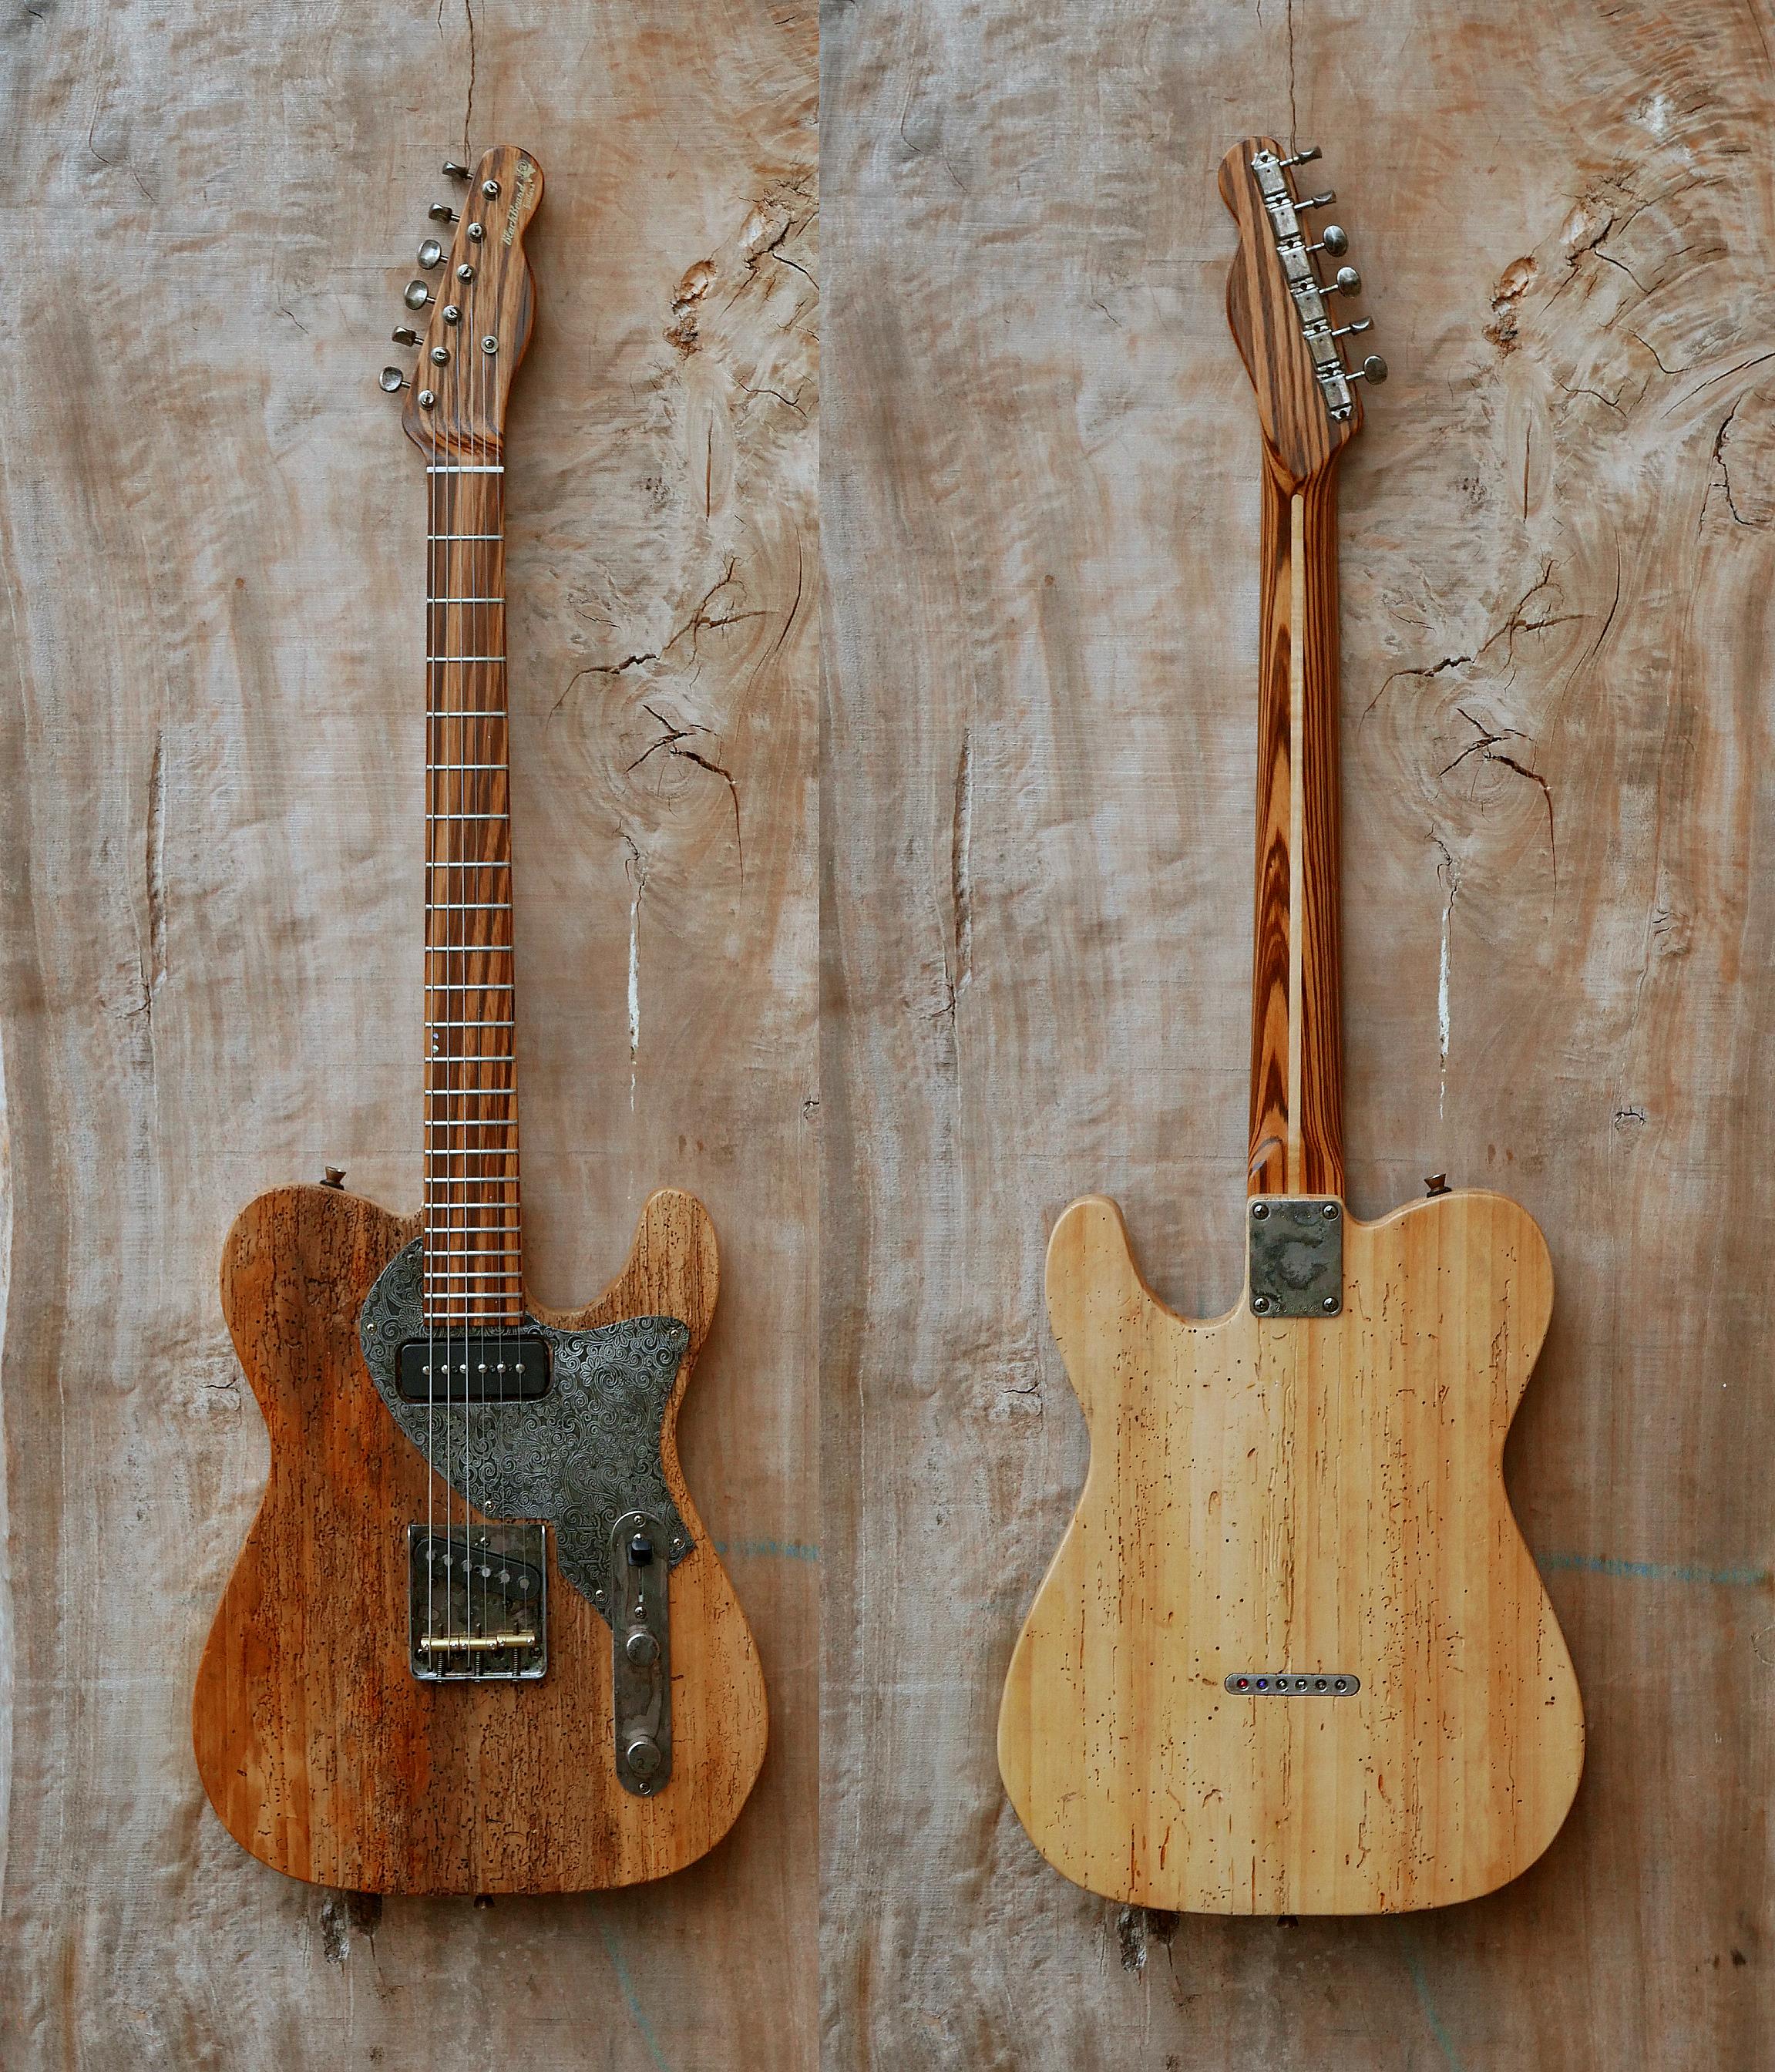 chitarra telecaster fronte e retro appesi